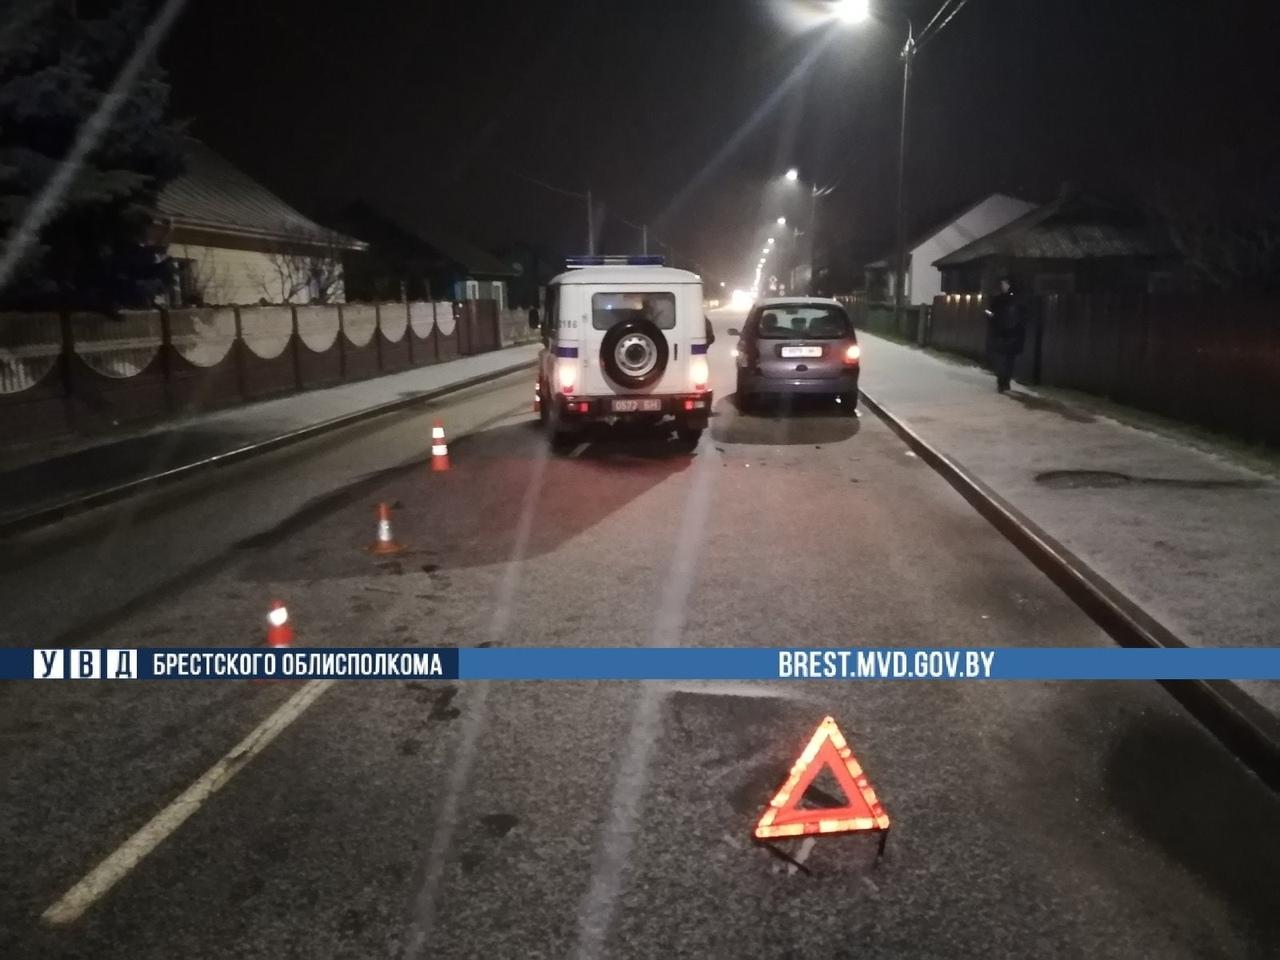 В Дрогичине произошло ДТП с участием служебного автомобиля